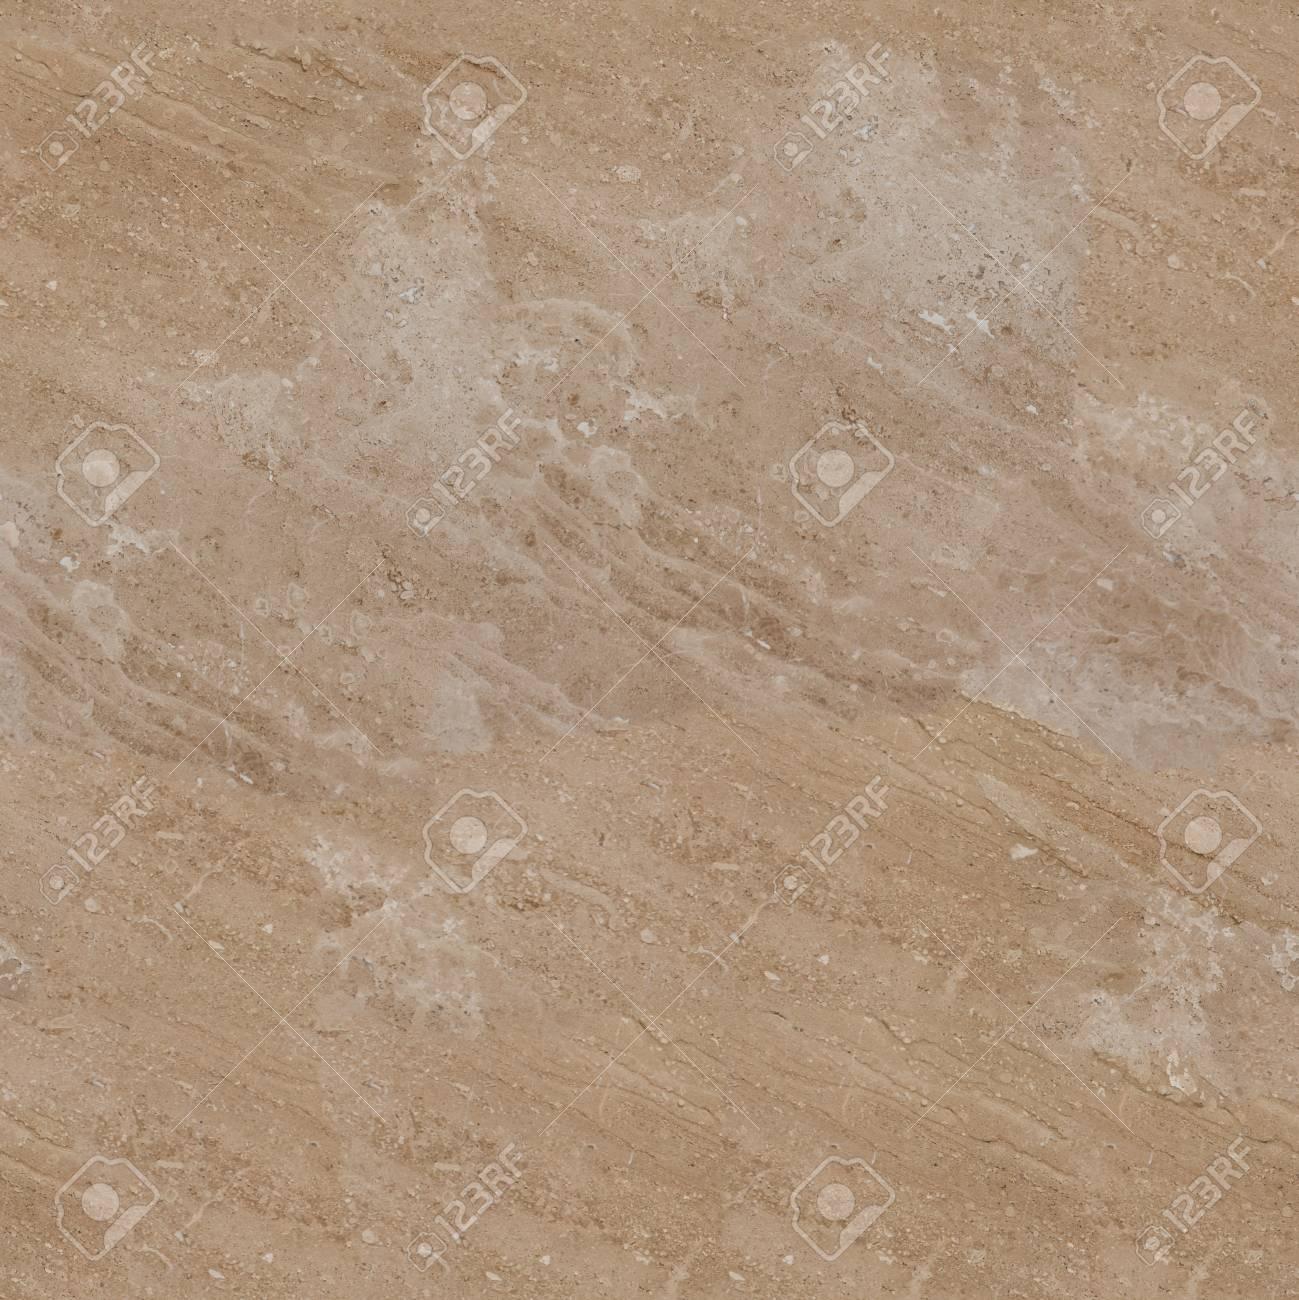 Nahaufnahme Von Marmor Hintergrund Mit Natürlichen Muster. Nahtlose ...